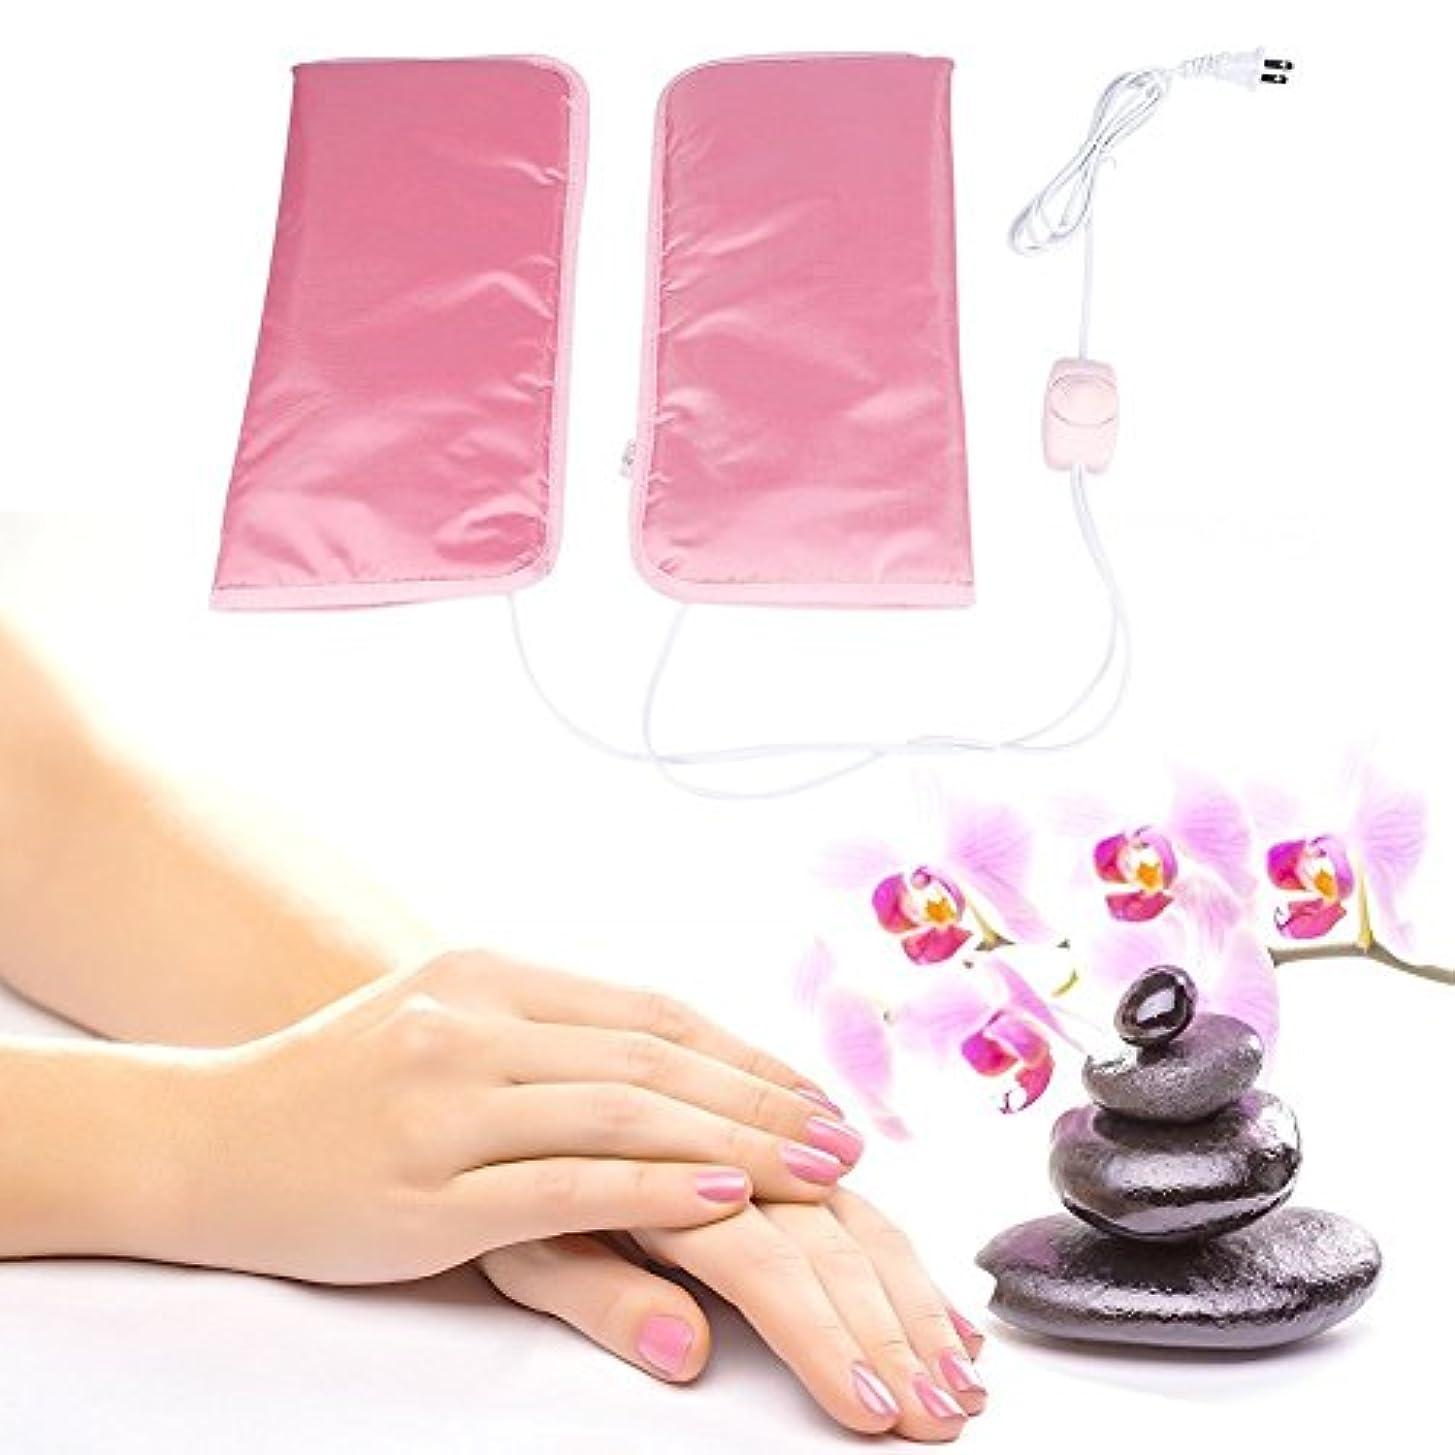 プット私の赤字手袋 ヒートグローブ 加熱式 電熱 手ケア 1分間加熱 温度自動調節 恒温 乾燥対策 手荒れ対策 補水保湿 美白 しっとり (手)